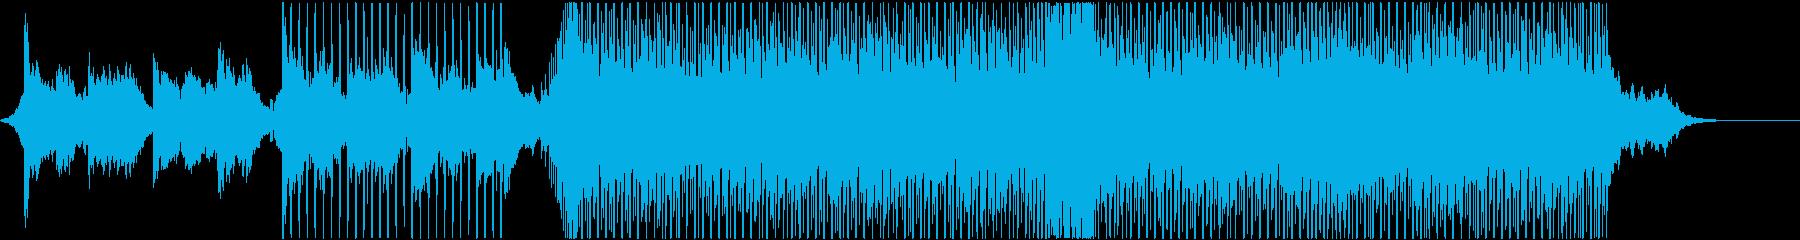 爽やかな夏の森のようなシンセ/短verの再生済みの波形